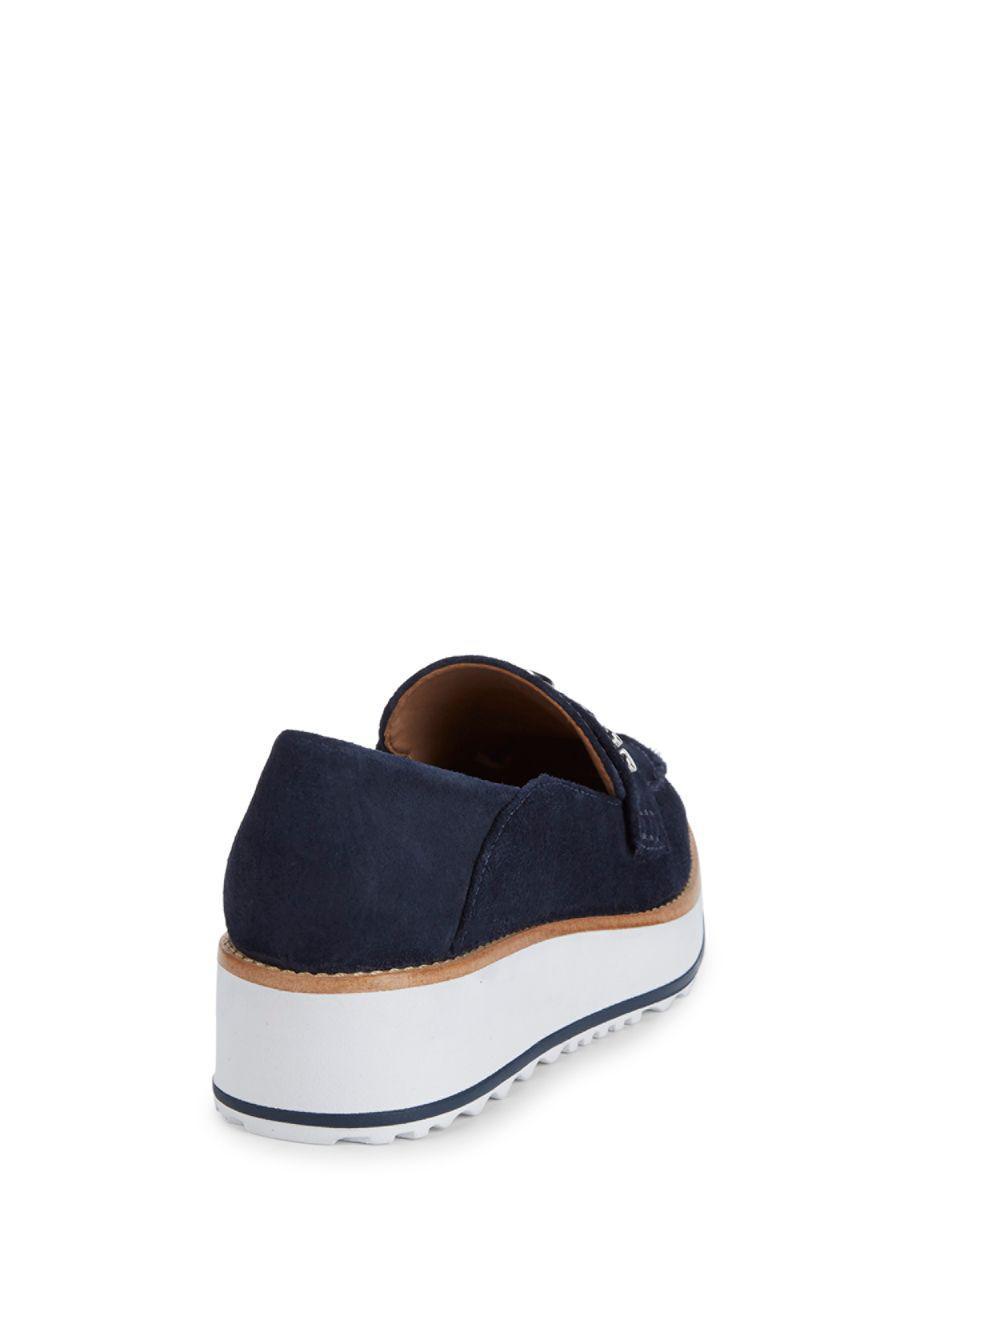 9401f5012e5 Lyst - Bernardo Suede Platform Loafers in Blue